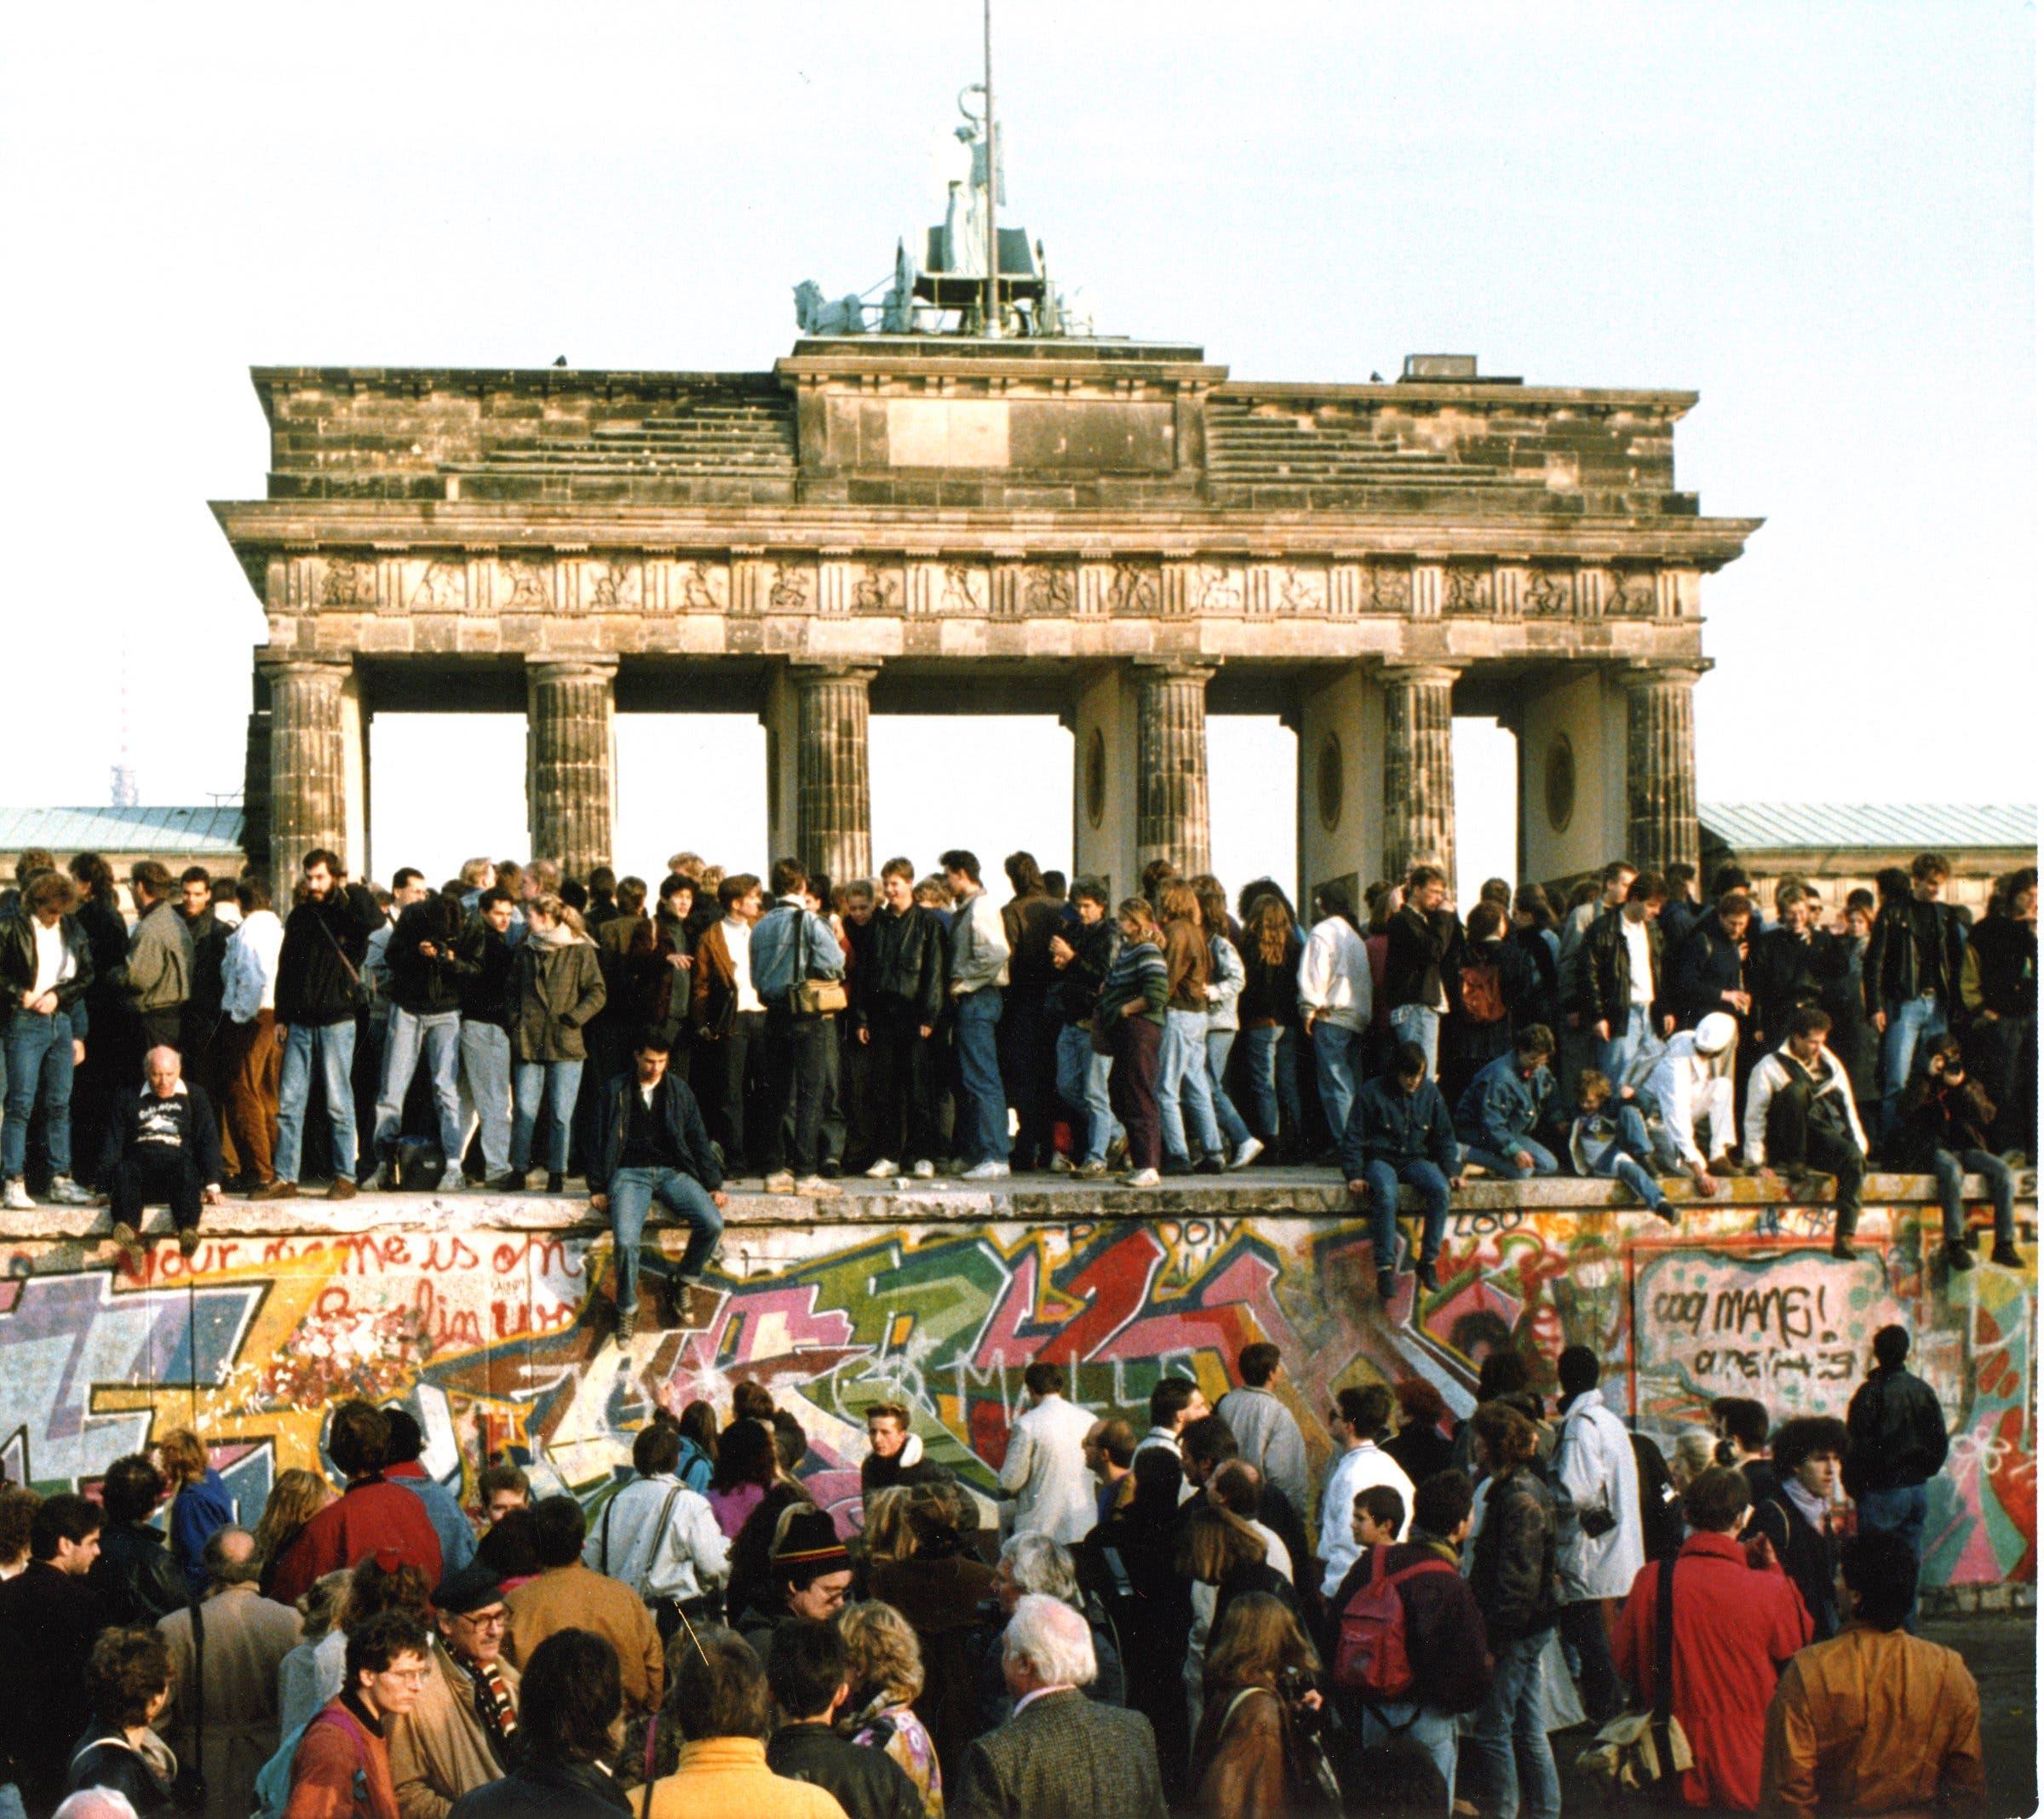 Am Tag nach der Öffnungen steigen Menschen auf die Berliner Mauer vor dem Brandenburger Tor in Berlin. (Bild: Keystone /AP, 10. November 1989)